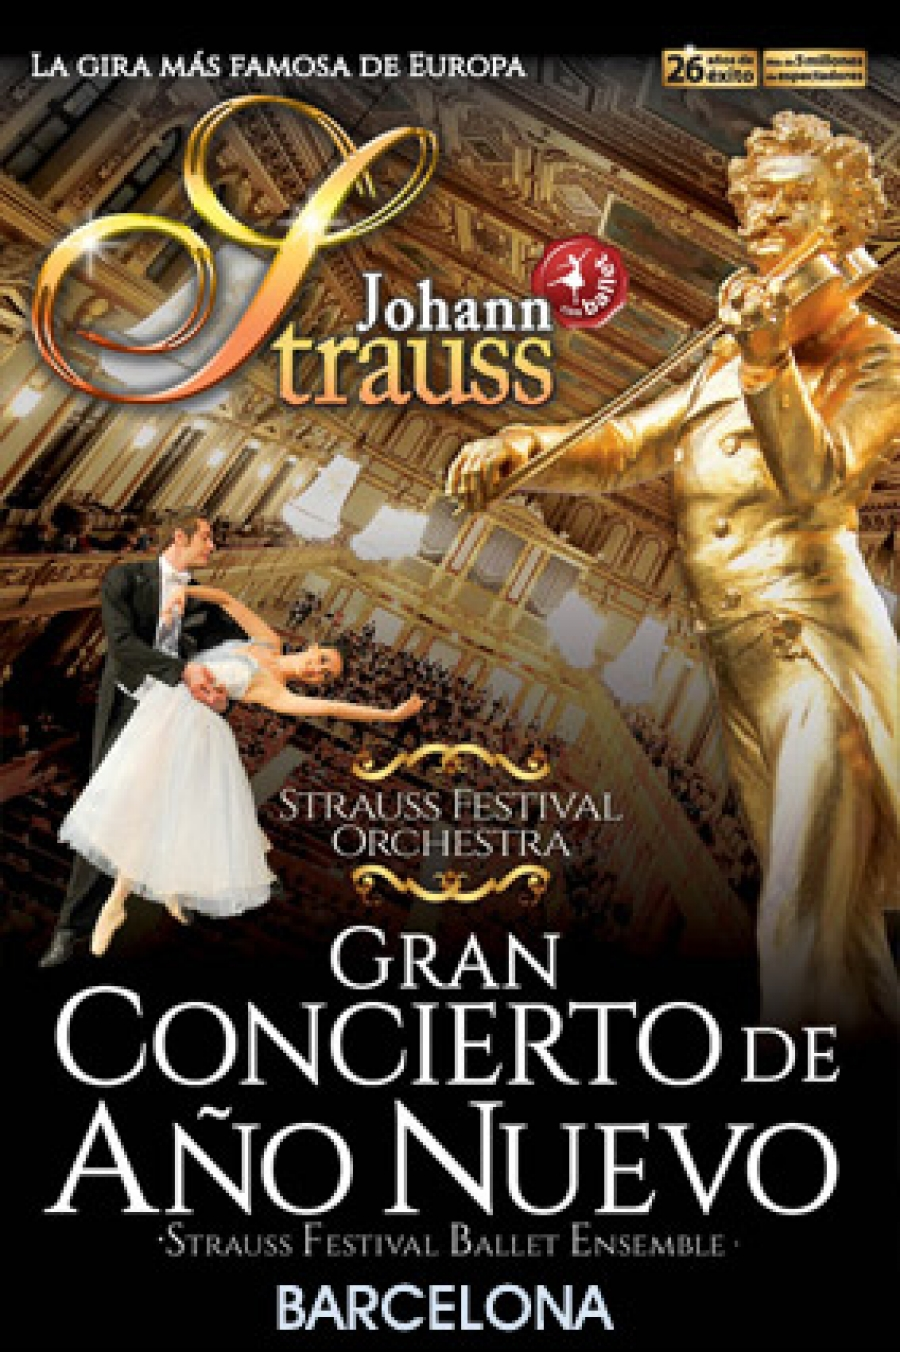 Estas Navidades Concierto de Año Nuevo con valses de Strauss, música para la felicidad, en el Liceu y el Palau de laMúsica